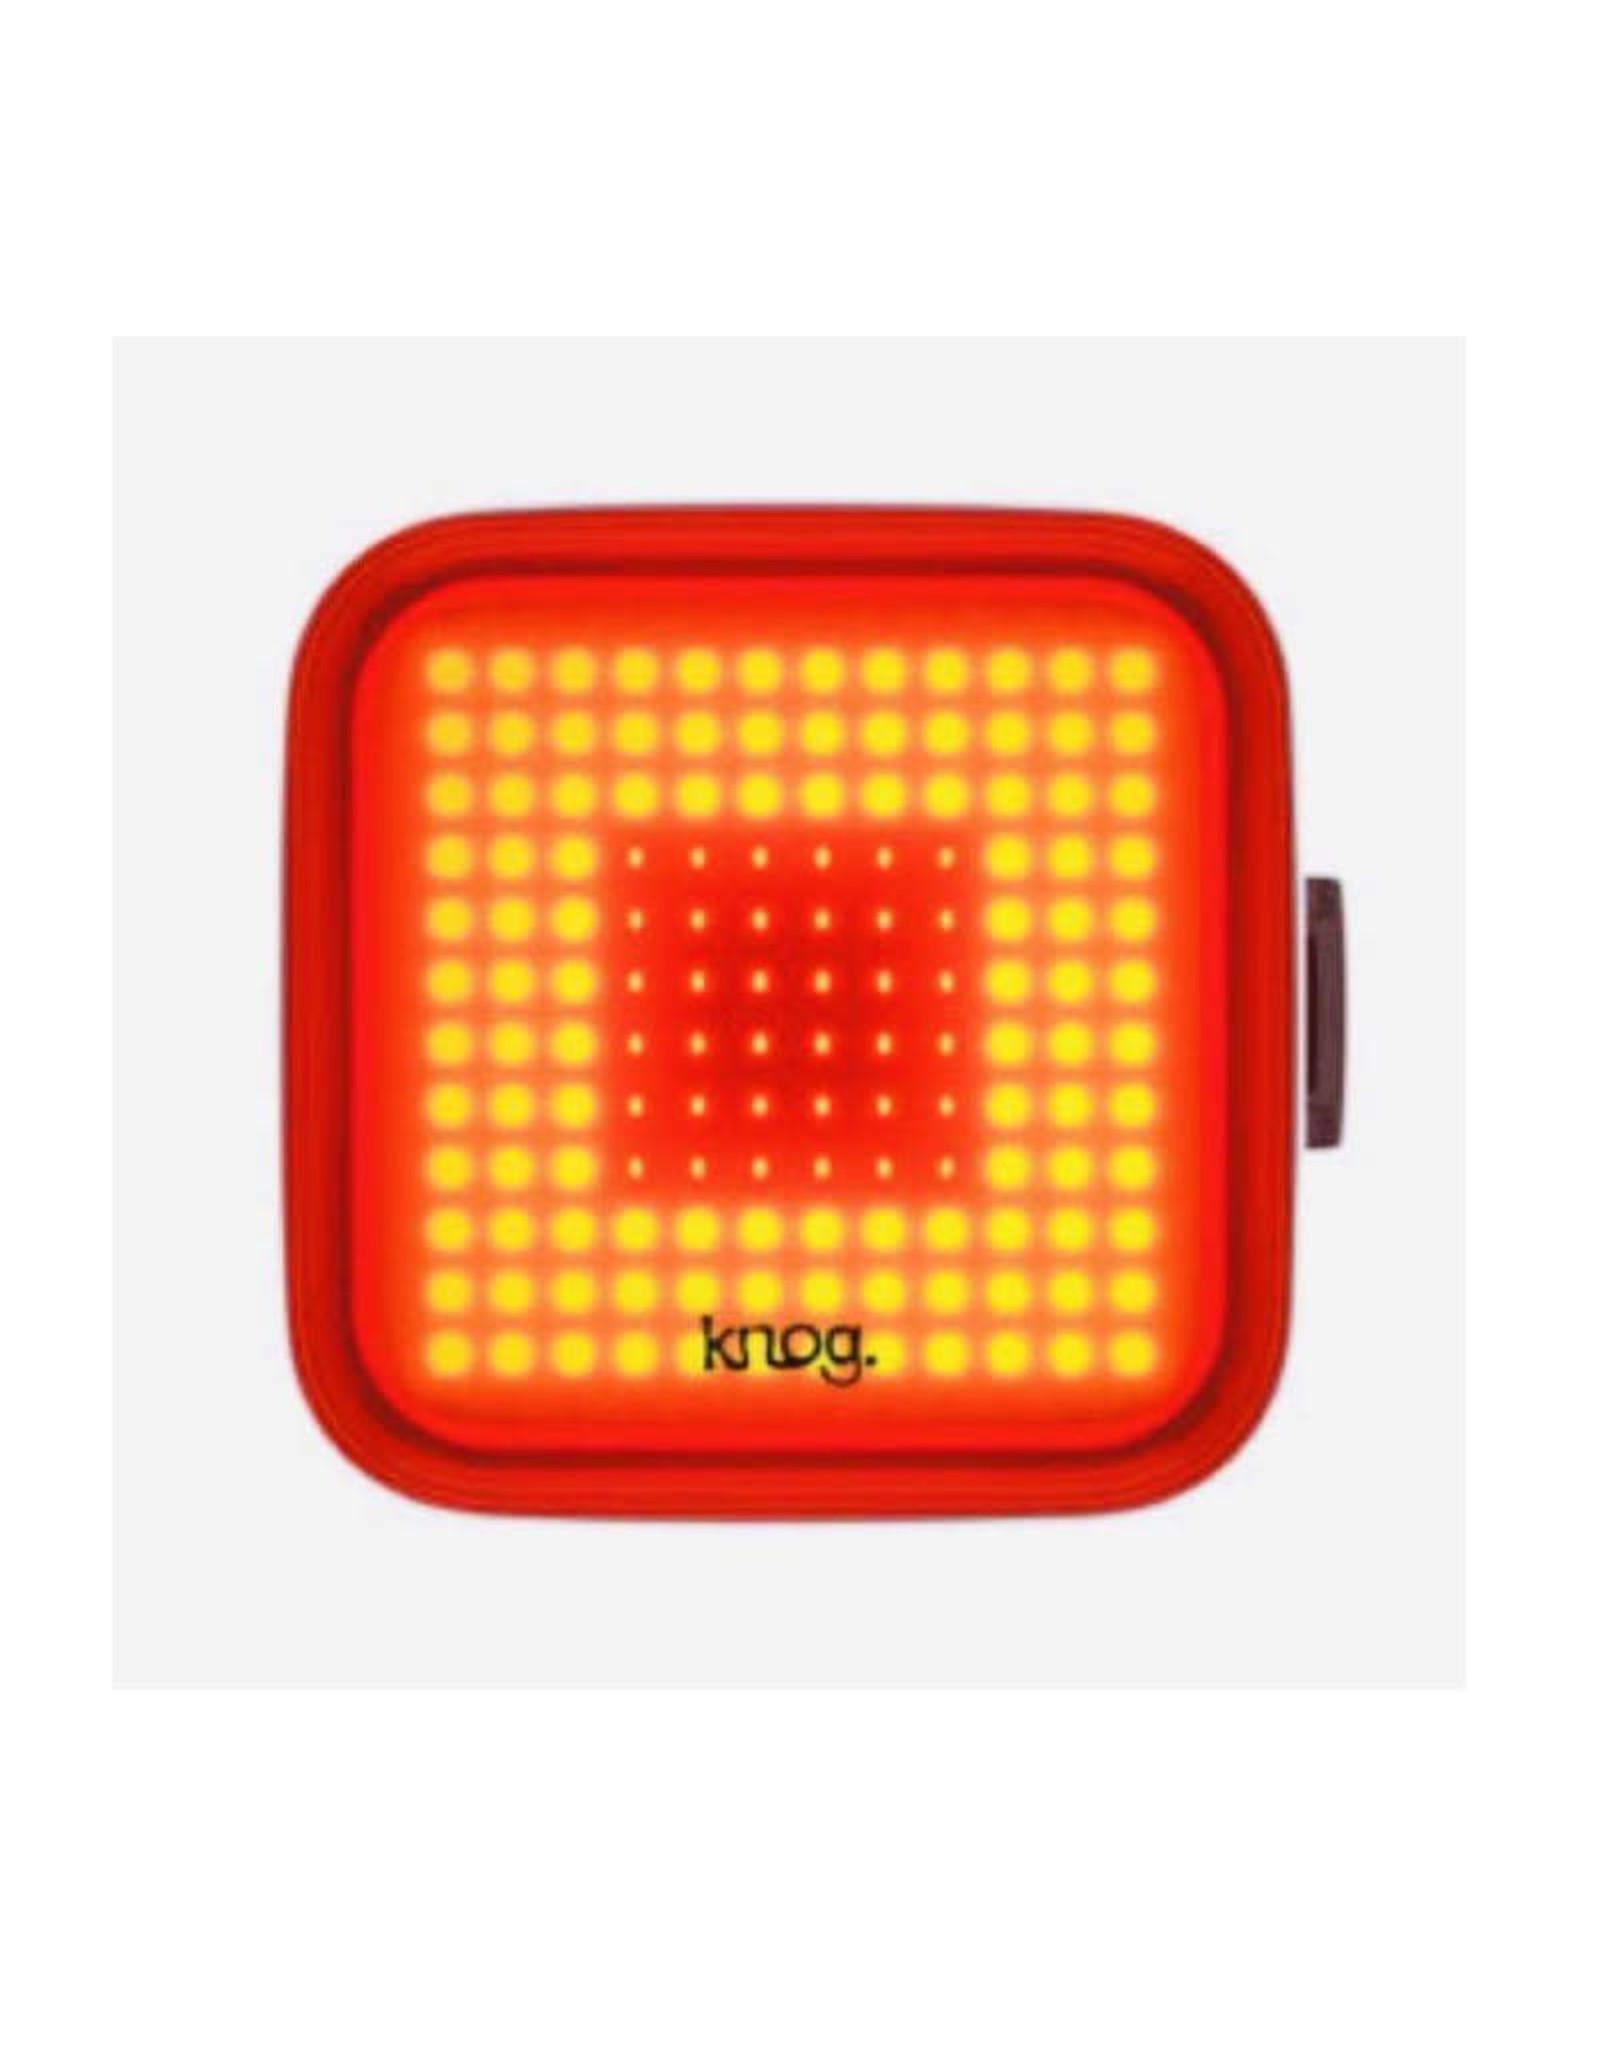 Knog KNOG - Blinder Square Black Rear Bike Light